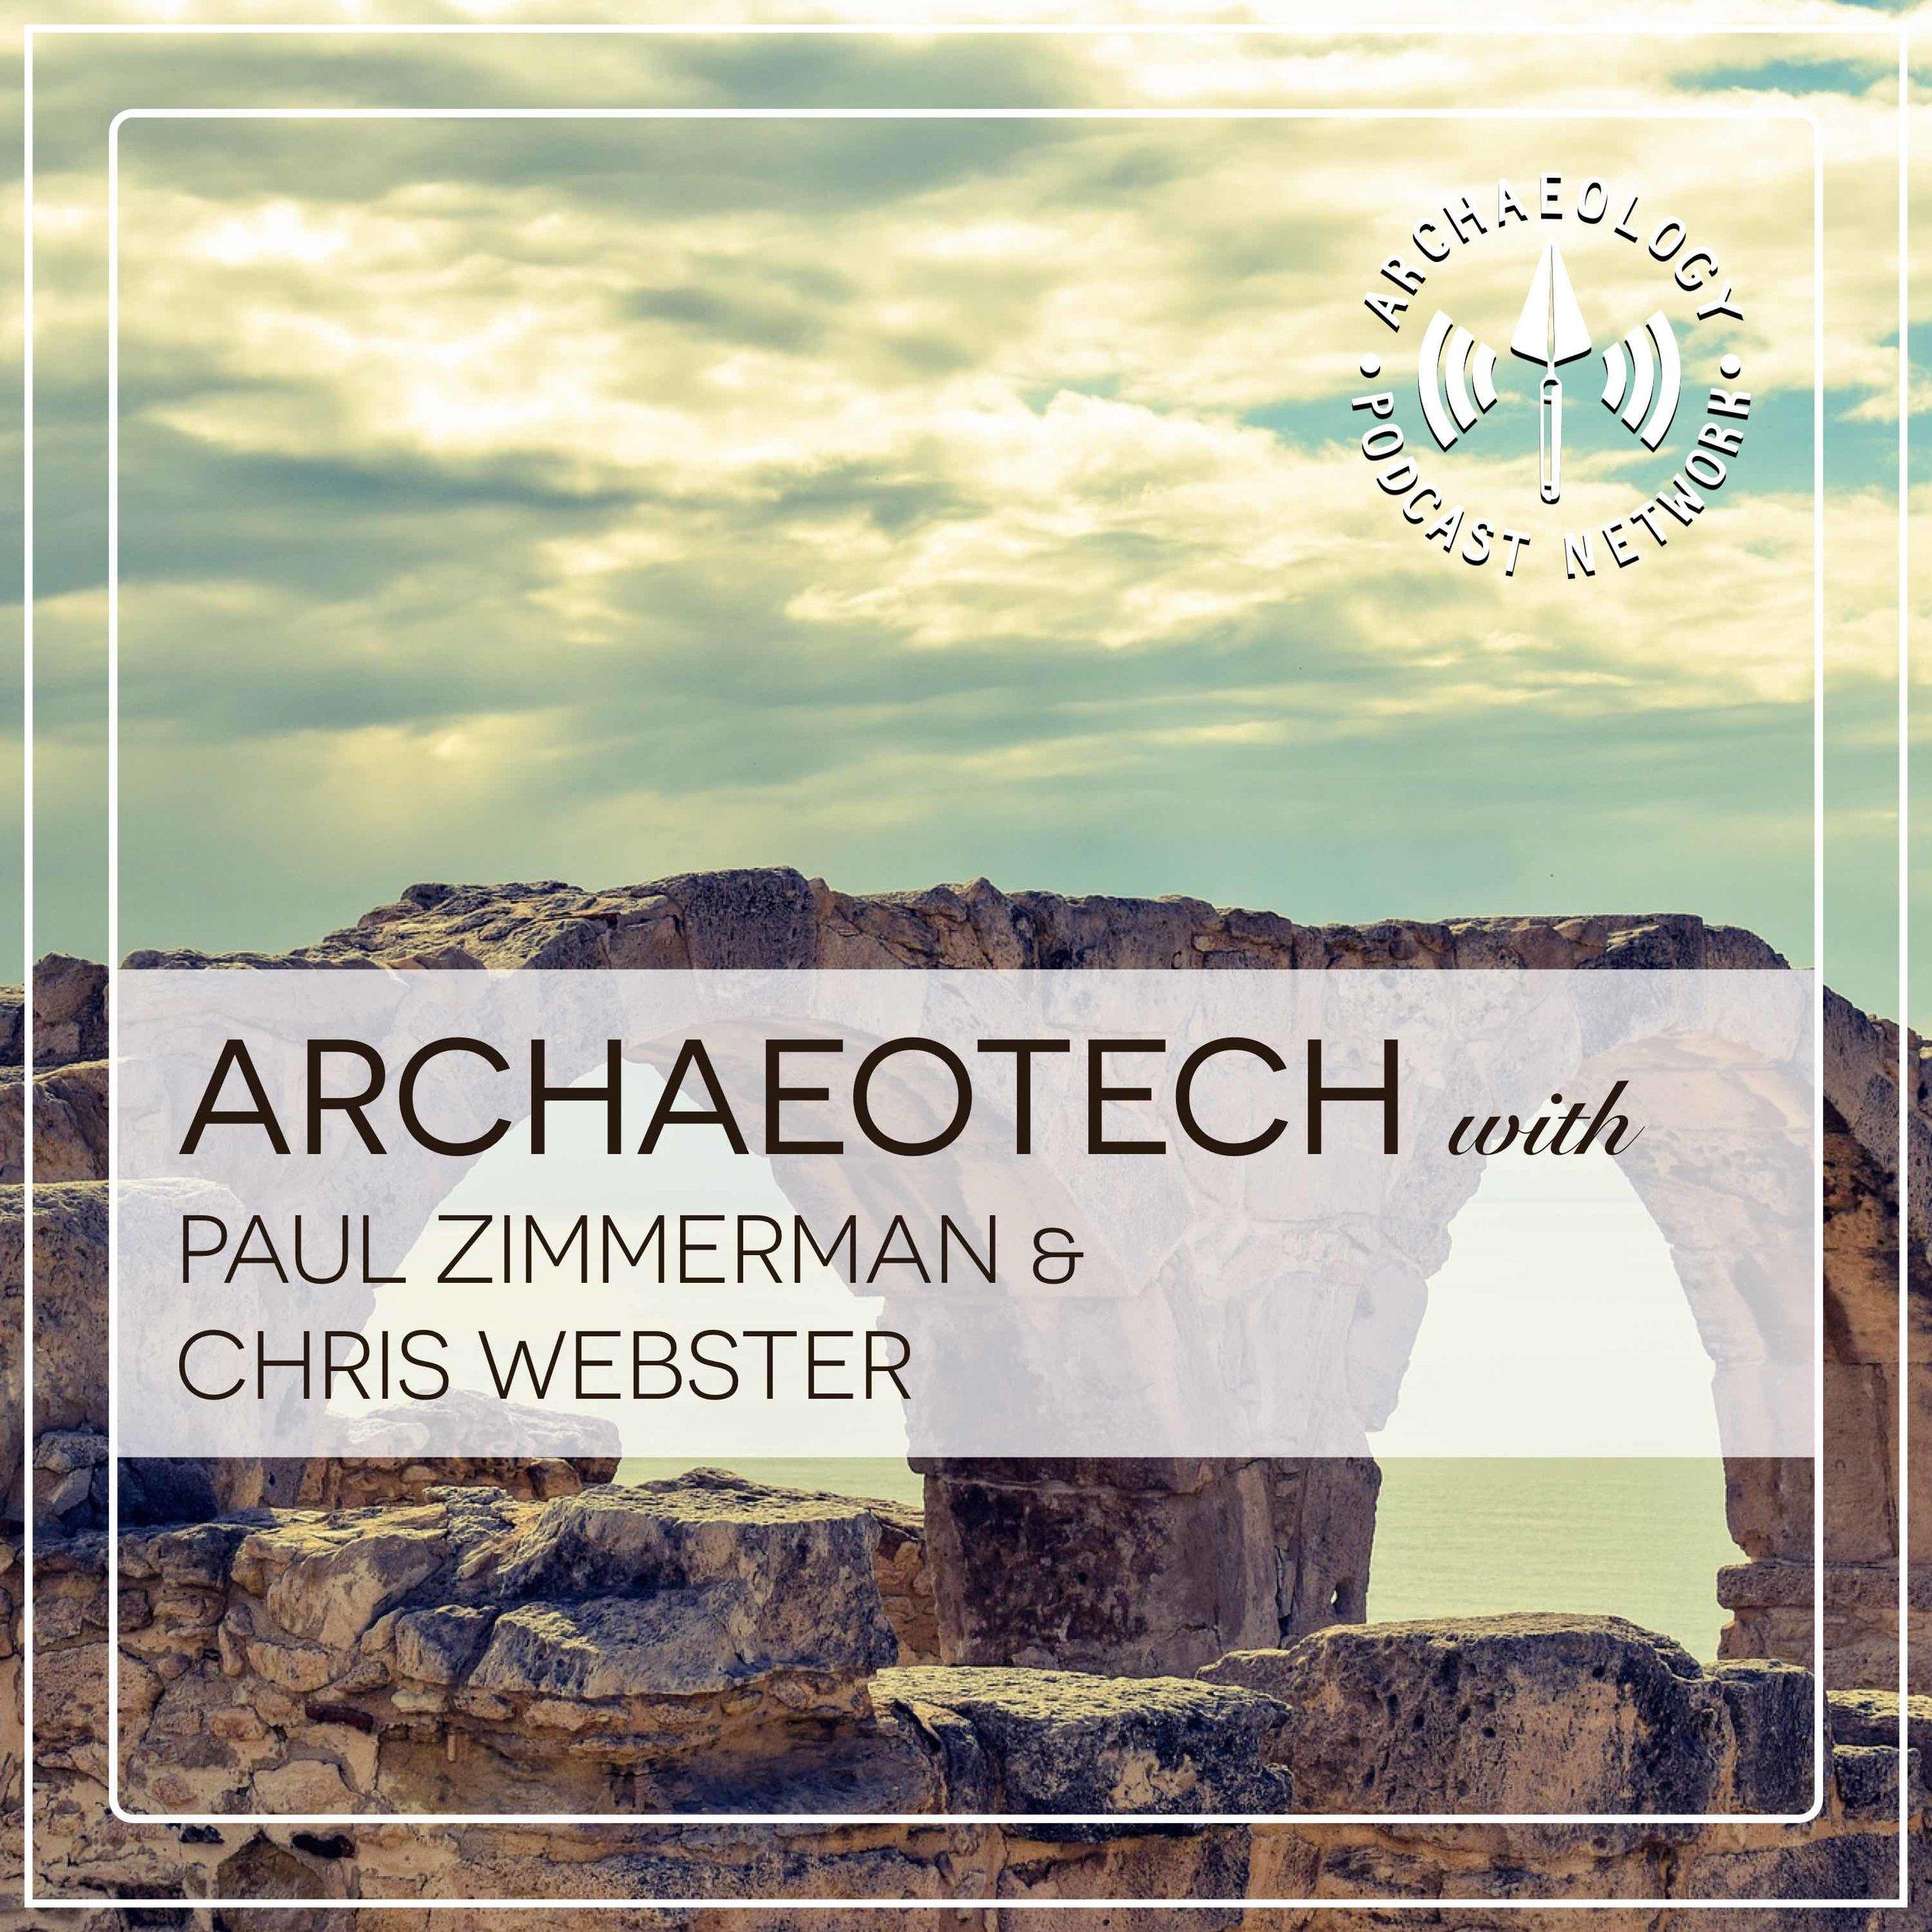 2019 ArchaeoTech.jpeg